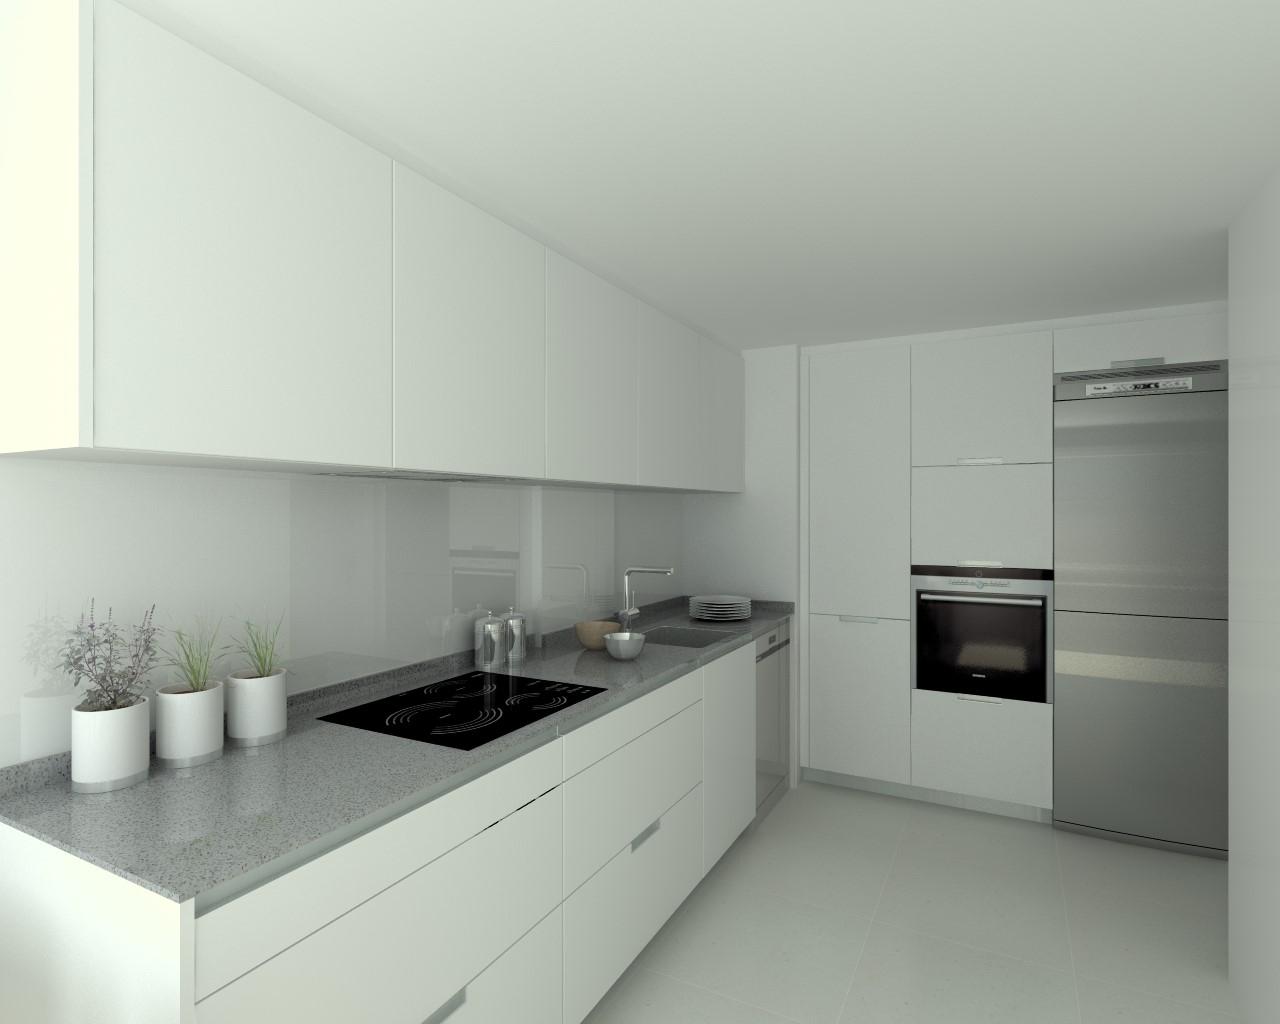 Aravaca cocina santos modelo minos estratificado for Color credence cocina blanca